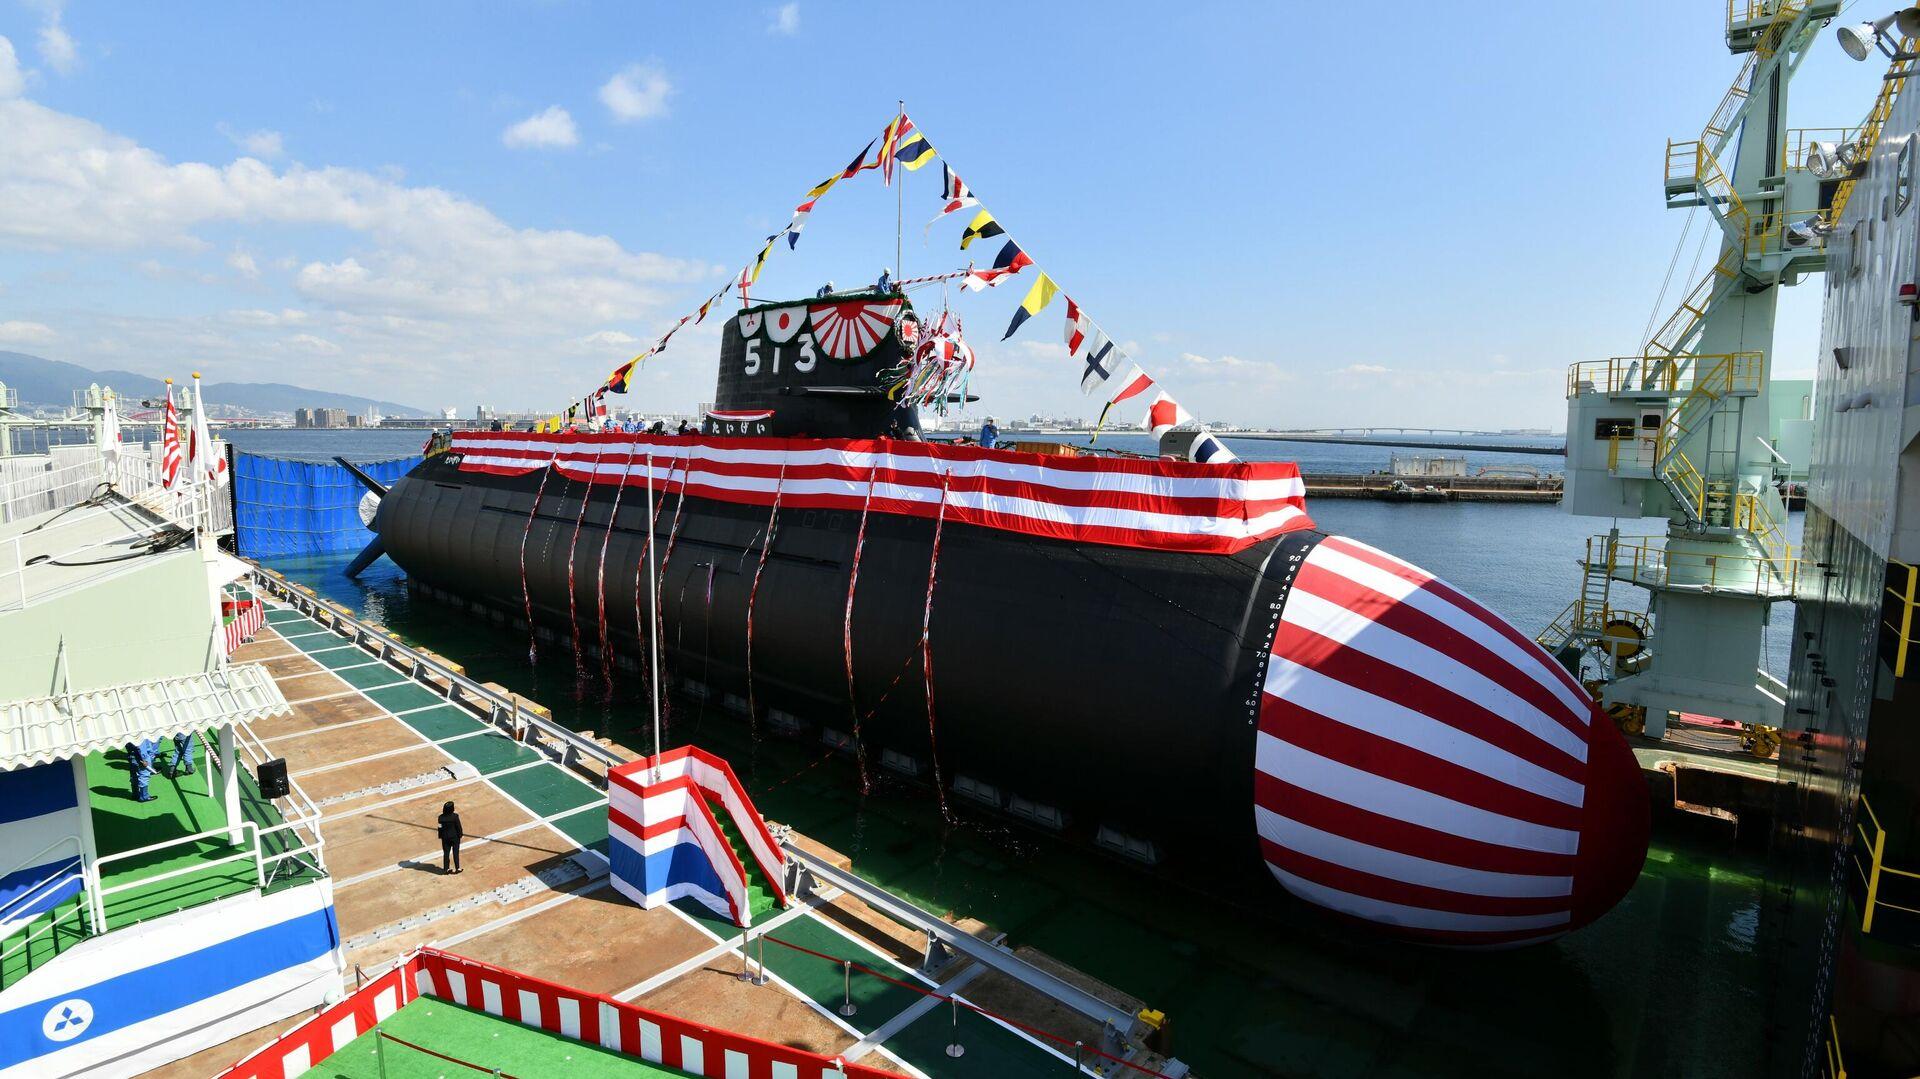 Спуск на воду новой подводной лодки Тайгэй в Японии - РИА Новости, 1920, 15.10.2020